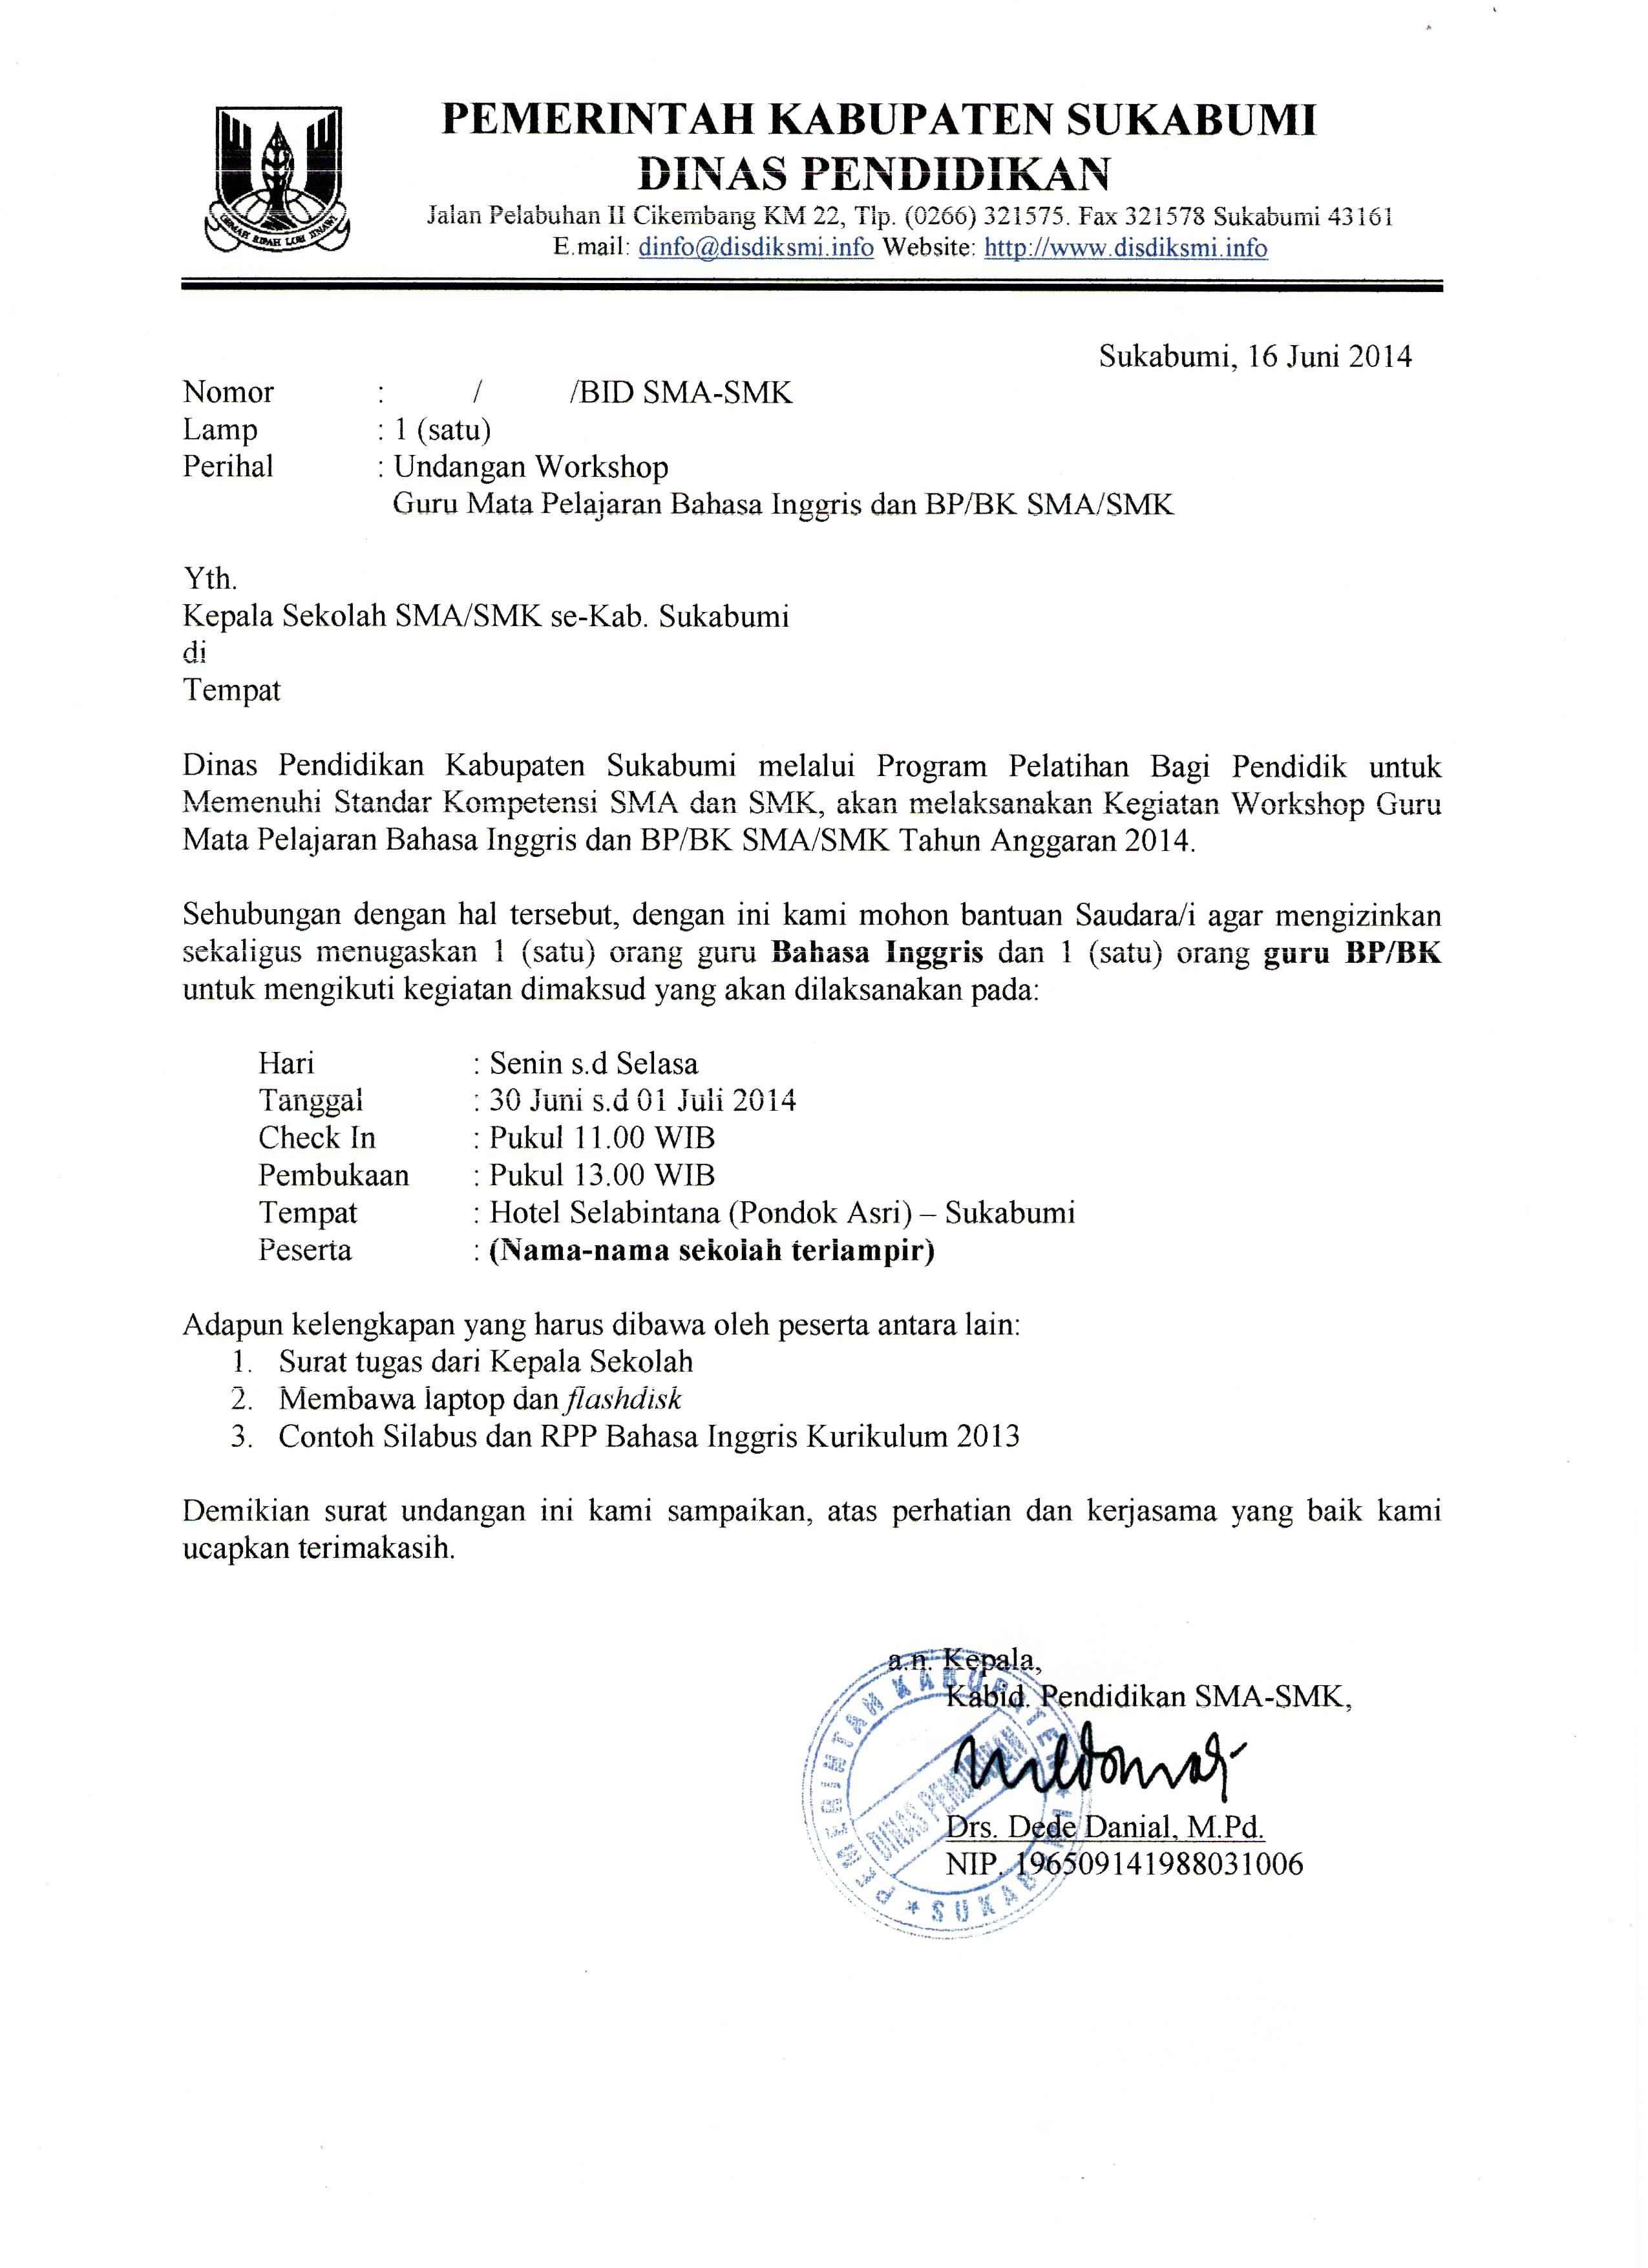 Mgmp Bhs Inggris Sma Kab Sukabumi Media Komunikasi Dan